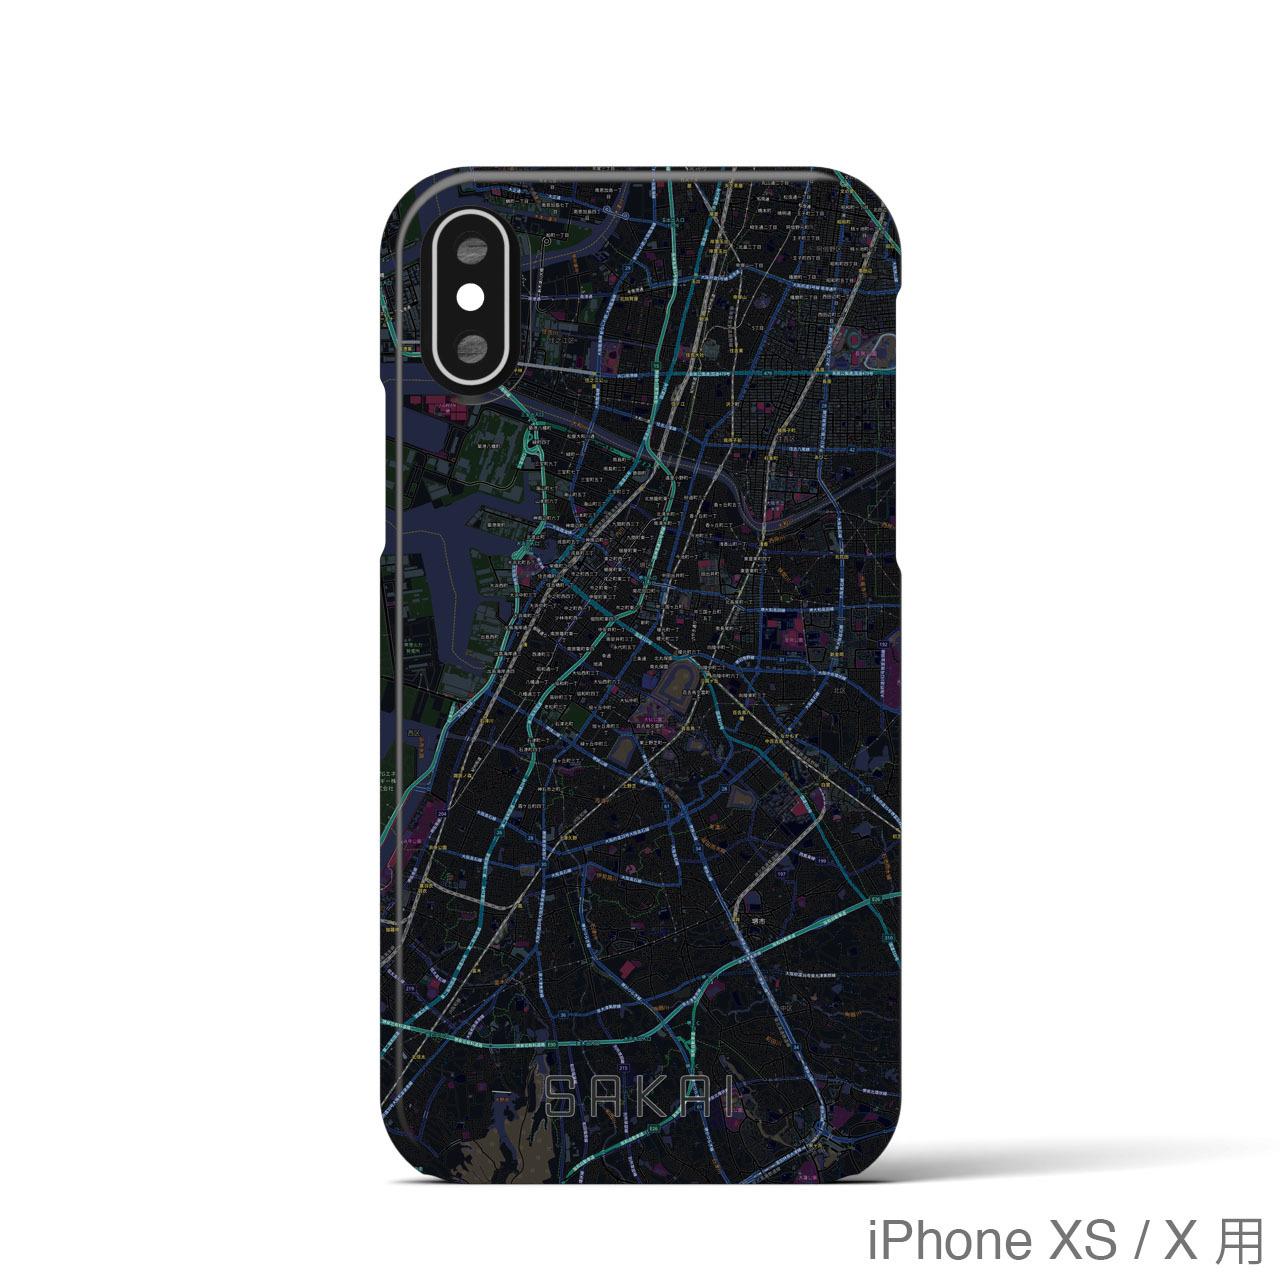 【堺】地図柄iPhoneケース(バックカバータイプ・ブラック)